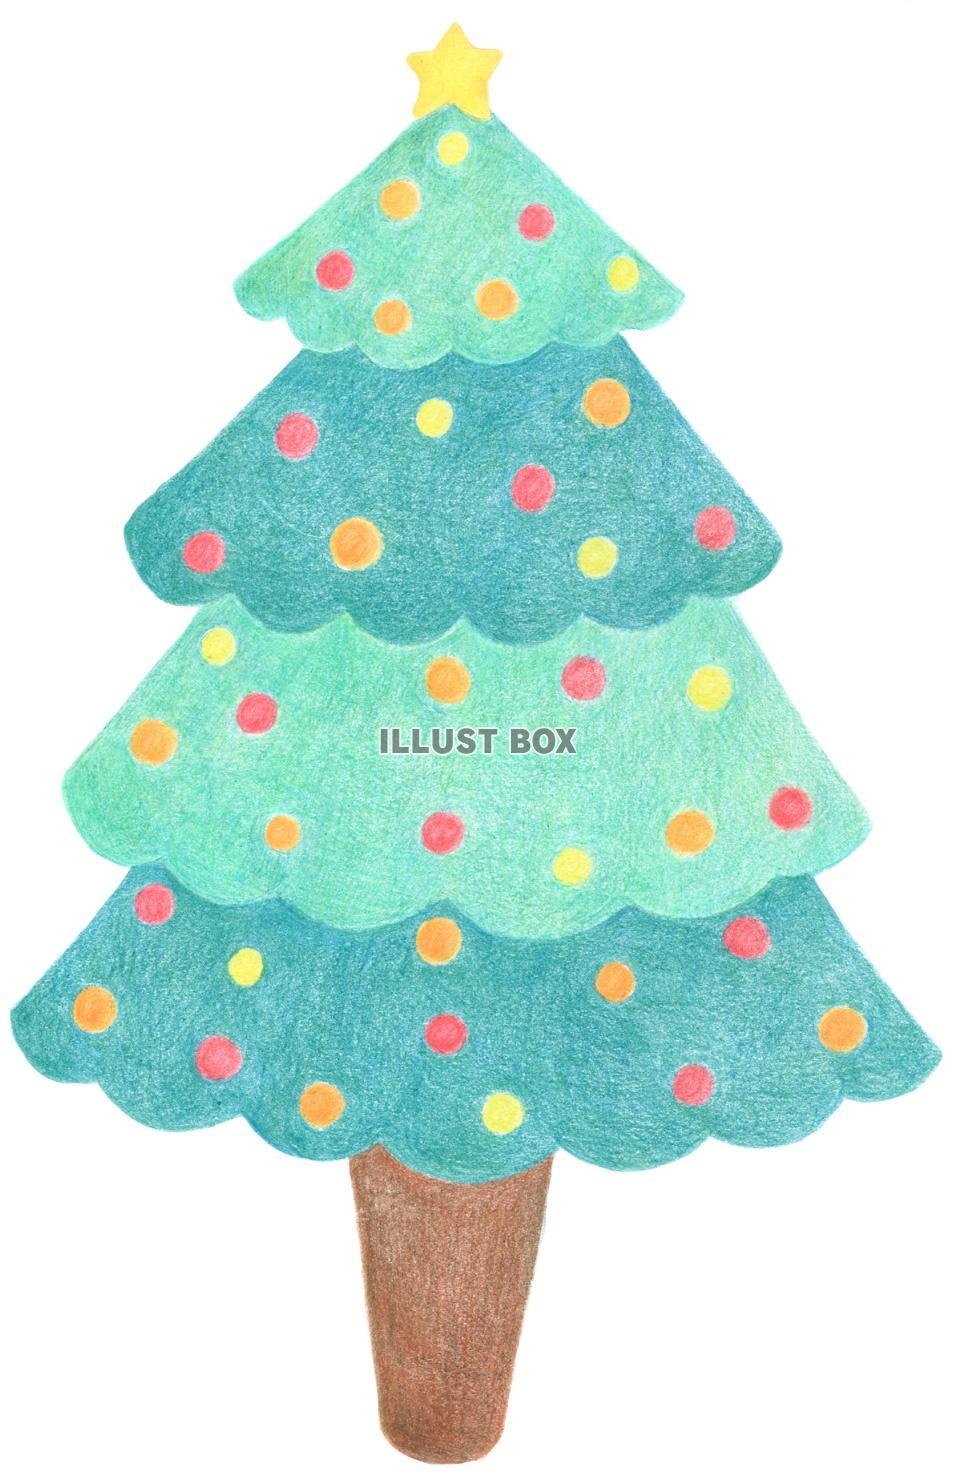 クリスマスツリー イラスト かわいい 簡単 無料の印刷用ぬりえ